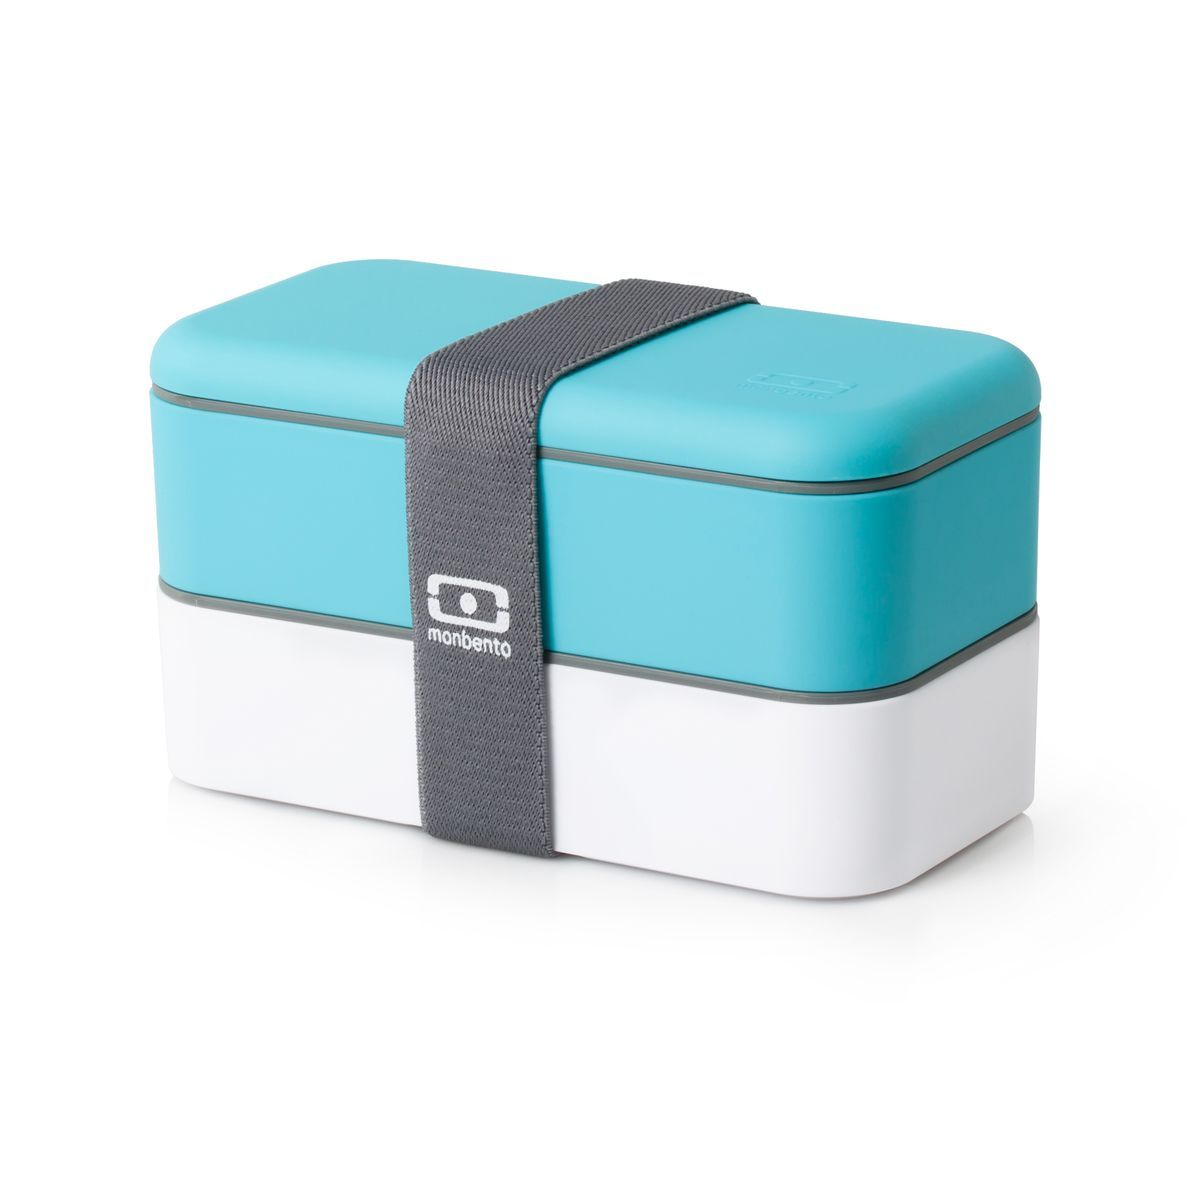 Ланч-бокс Monbento Original, цвет: белый, голубой, 1 л1200 02 104Ланчбокс Monbento Original изготовлен из высококачественного пищевого пластика с приятным на ощупь прорезиненным покрытием soft-touch. Предназначен для хранения и переноски пищевых продуктов. Ланчбокс представляет собой два прямоугольных контейнера, в которых удобно хранить различные блюда. В комплекте также предусмотрена емкость для соуса, которая удобно помещается в одном из контейнеров. Контейнеры вакуумные, что позволяет продуктам дольше оставаться свежими и вкусными. Боксы дополнительно фиксируются друг над другом эластичным ремешком. Компактные размеры позволят хранить ланчбокс в любой сумке. Его удобно взять с собой на работу, отдых, в поездку. Теперь любимая домашняя еда всегда будет под рукой, а яркий дизайн поднимет настроение и подарит заряд позитива. Можно использовать в микроволновой печи и для хранения пищи в холодильнике, можно мыть в посудомоечной машине. В крышке каждого контейнера - специальная пробка, которую надо вытащить, если вы разогреваете еду. Объем одного контейнера: 0,5 л. Общий размер ланчбокса: 18 см х 9 см х 10,5 см. Размер контейнера: 18 см х 9 см х 4,5 см. Размер емкости для соуса: 8,5 см х 4,5 см х 3 см.Объем емкости для соуса: 0,1 л.